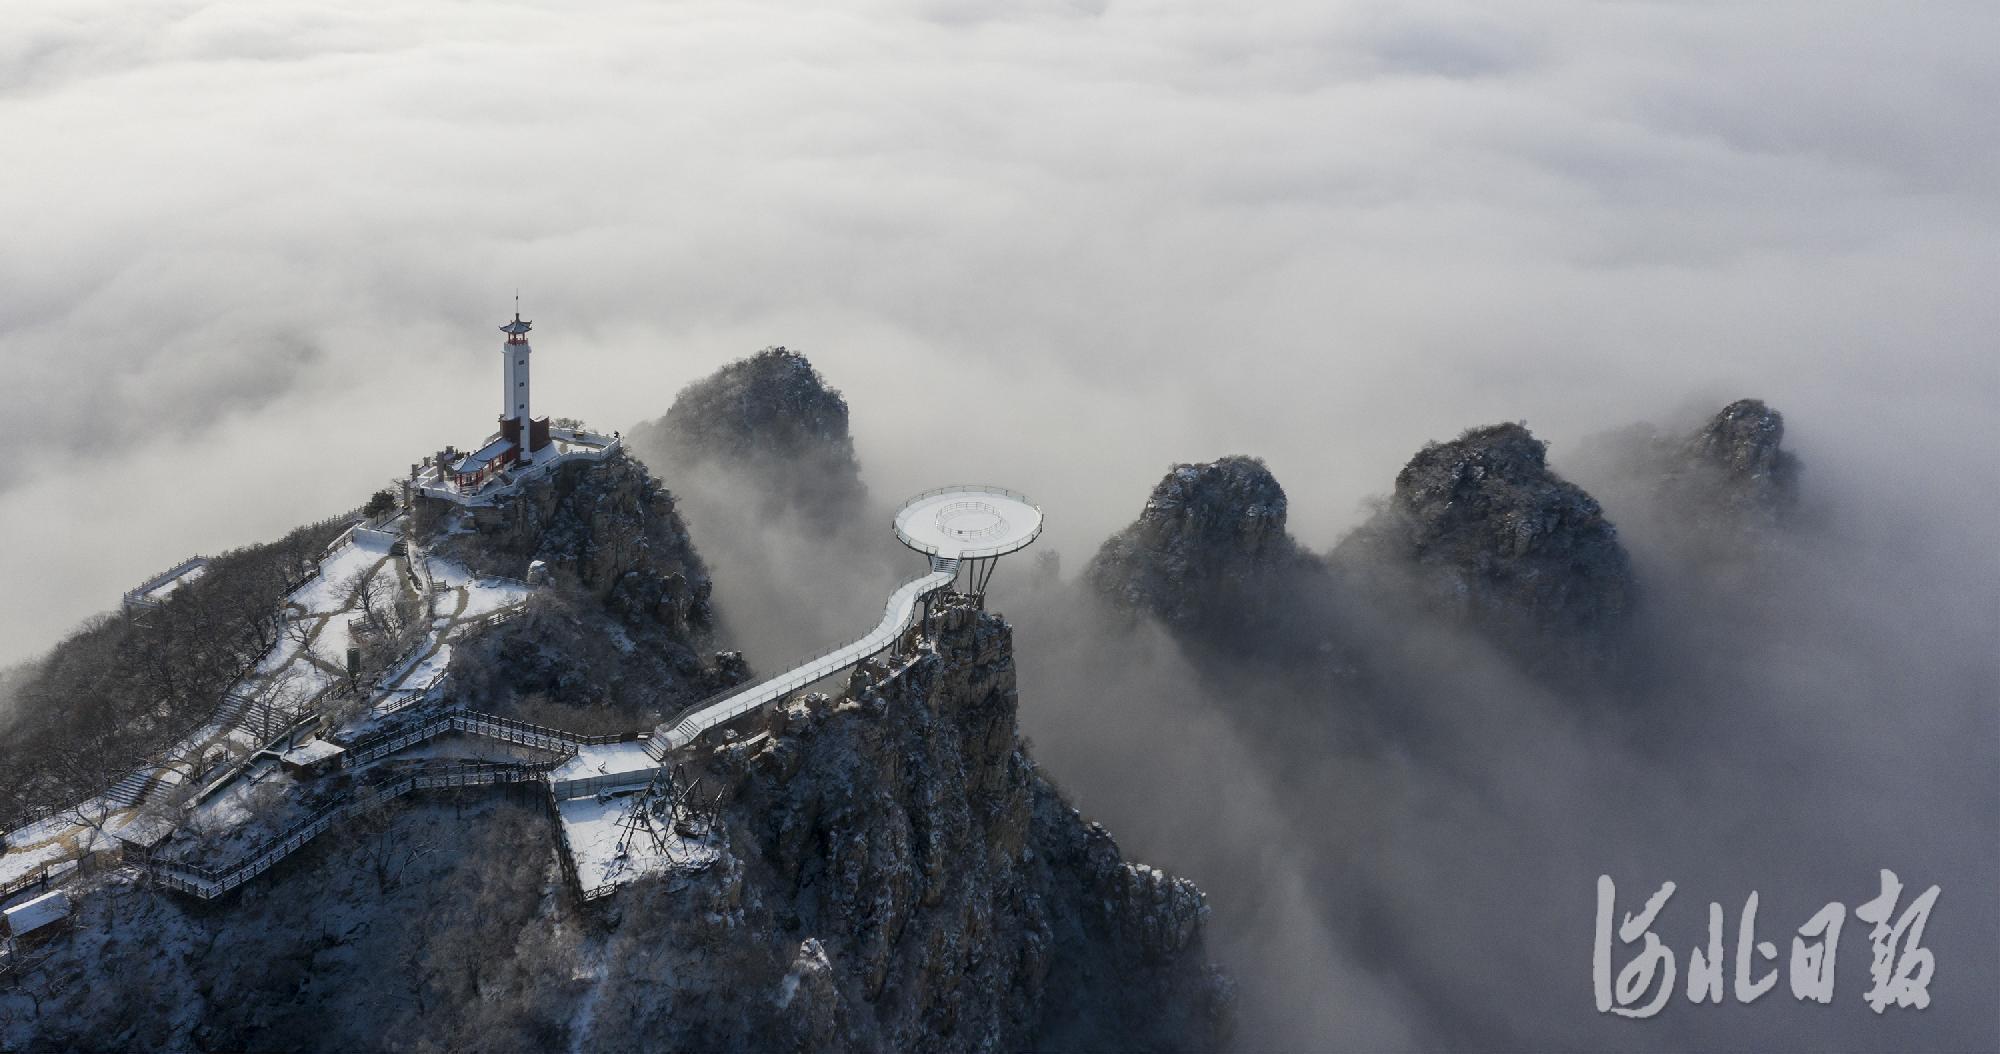 名仕亚洲:狼牙山出现雾雪奇观